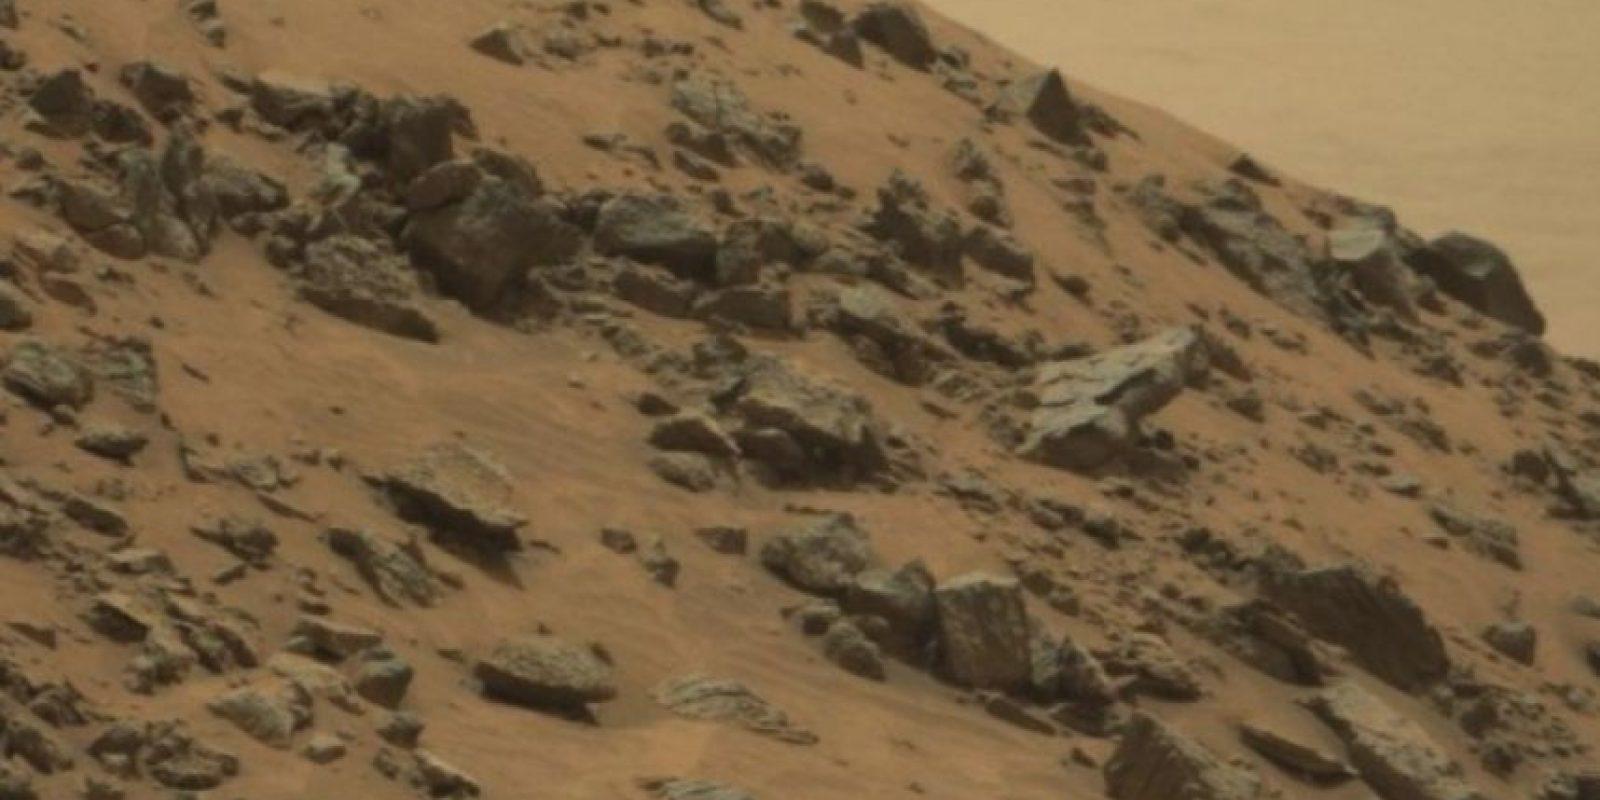 Fue descubierta en junio de 2015. Foto:NASA. Foto original en http://mars.nasa.gov/msl/multimedia/raw/?rawid=0978MR0043250040502821E01_DXXX&s=978